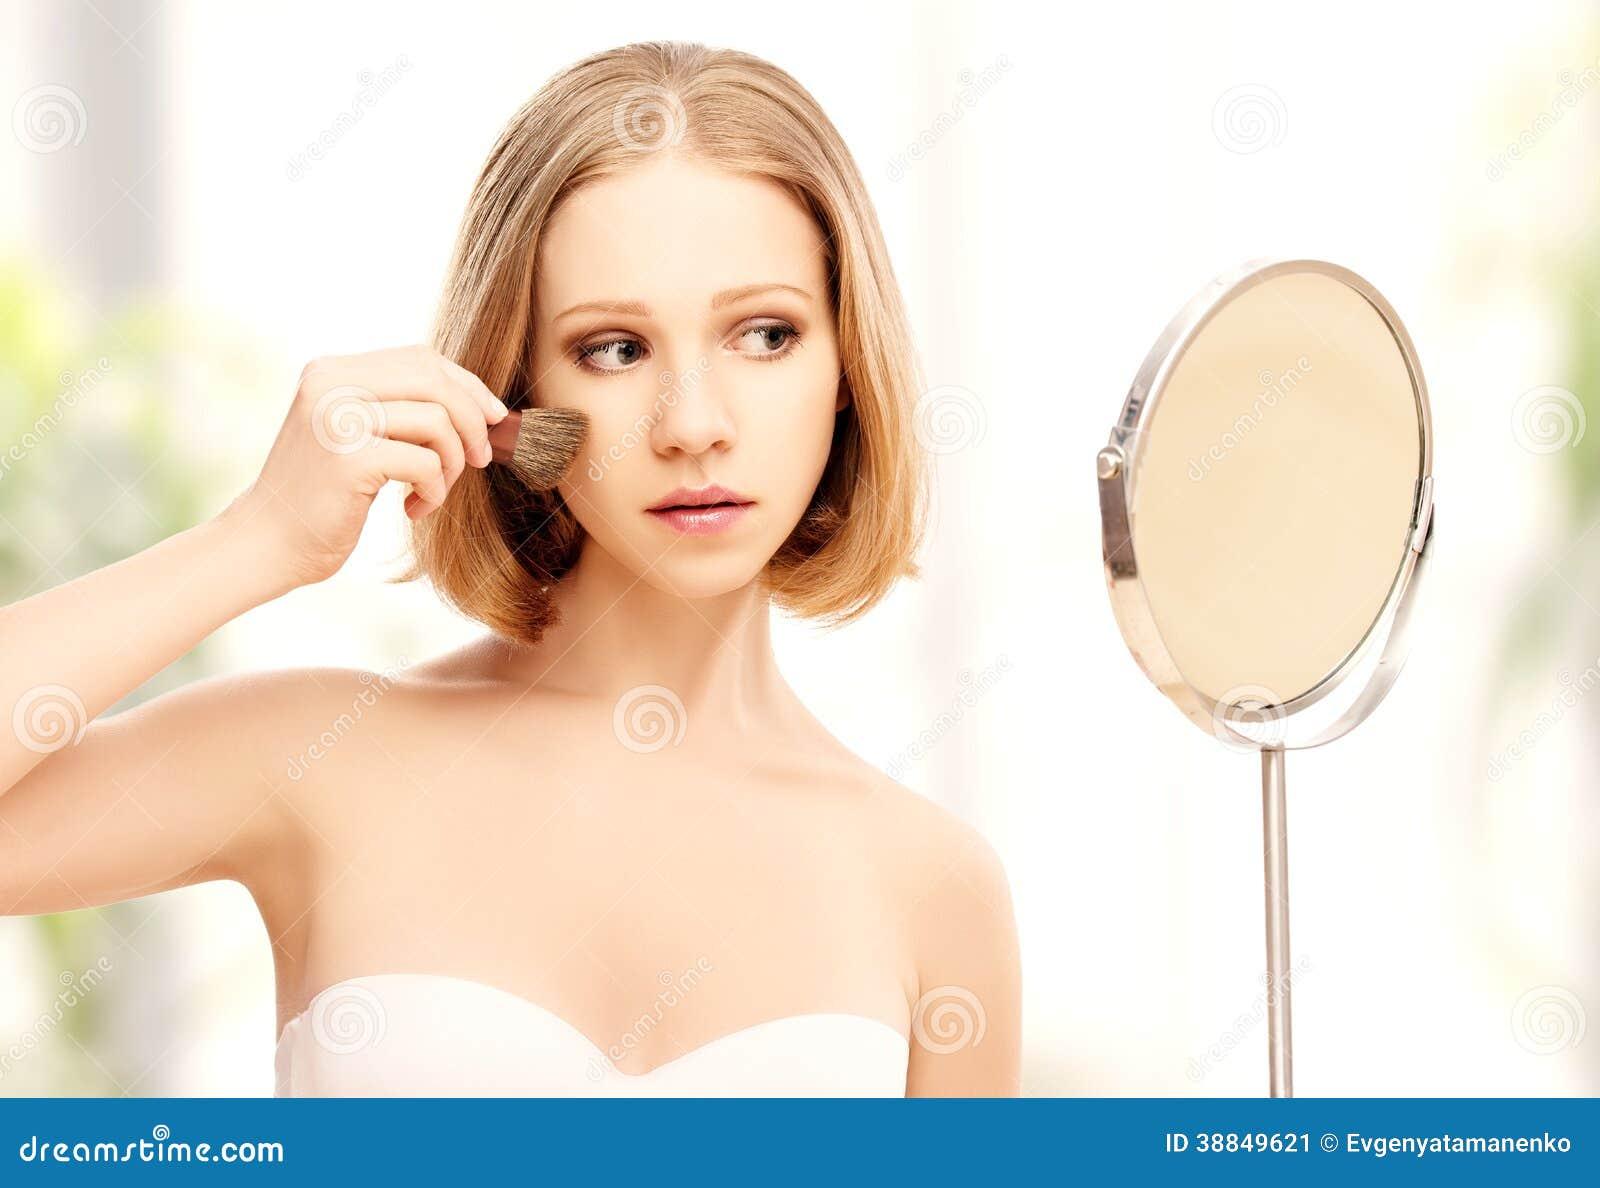 Spiegel Make Up : Schönheit die make up im spiegel tut stockbild bild von